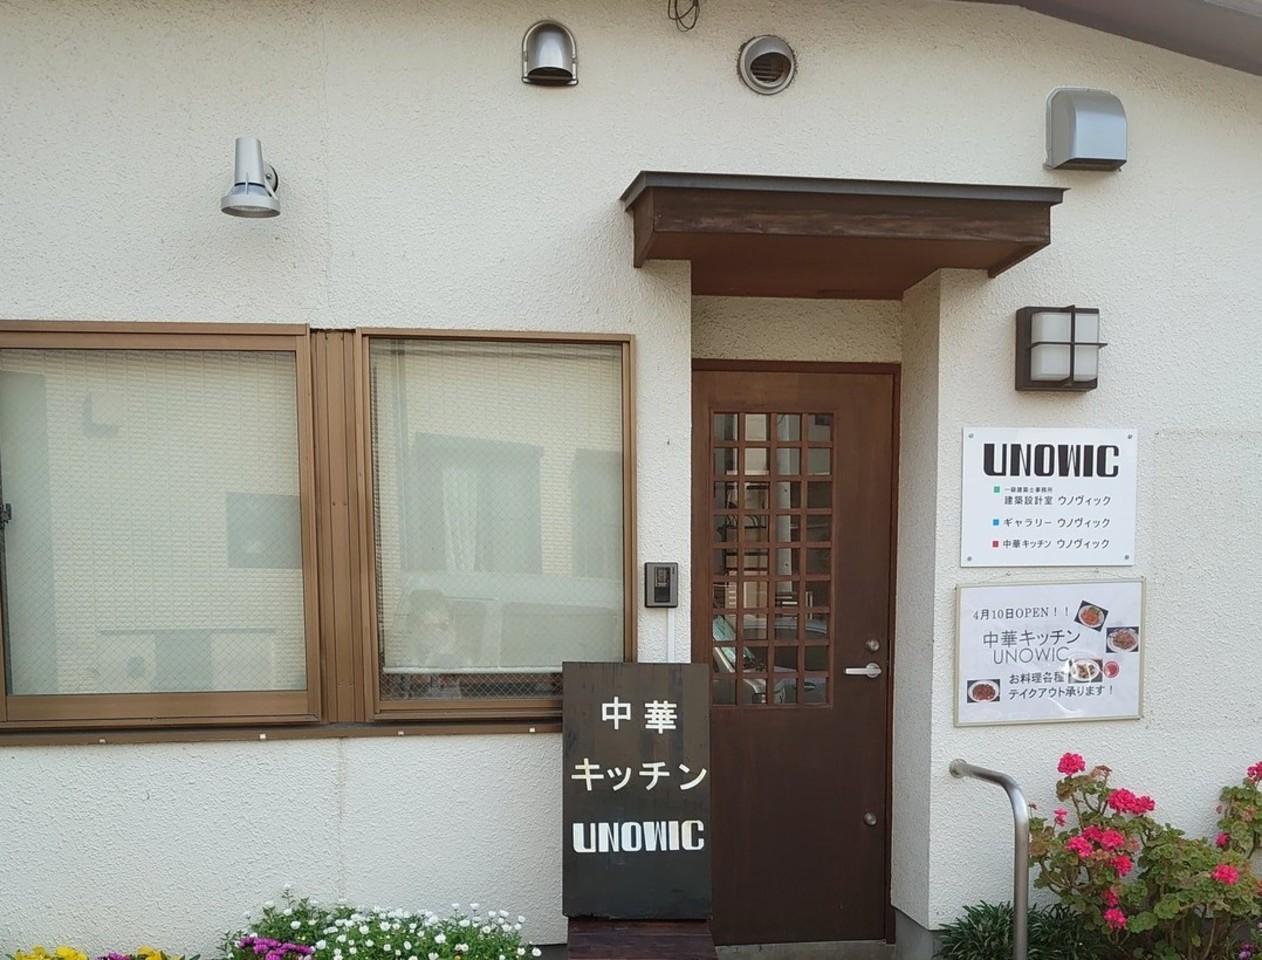 東京都国分寺市東元町3丁目に「中華キッチン ウノヴィック」が本日よりオープンされたようです。